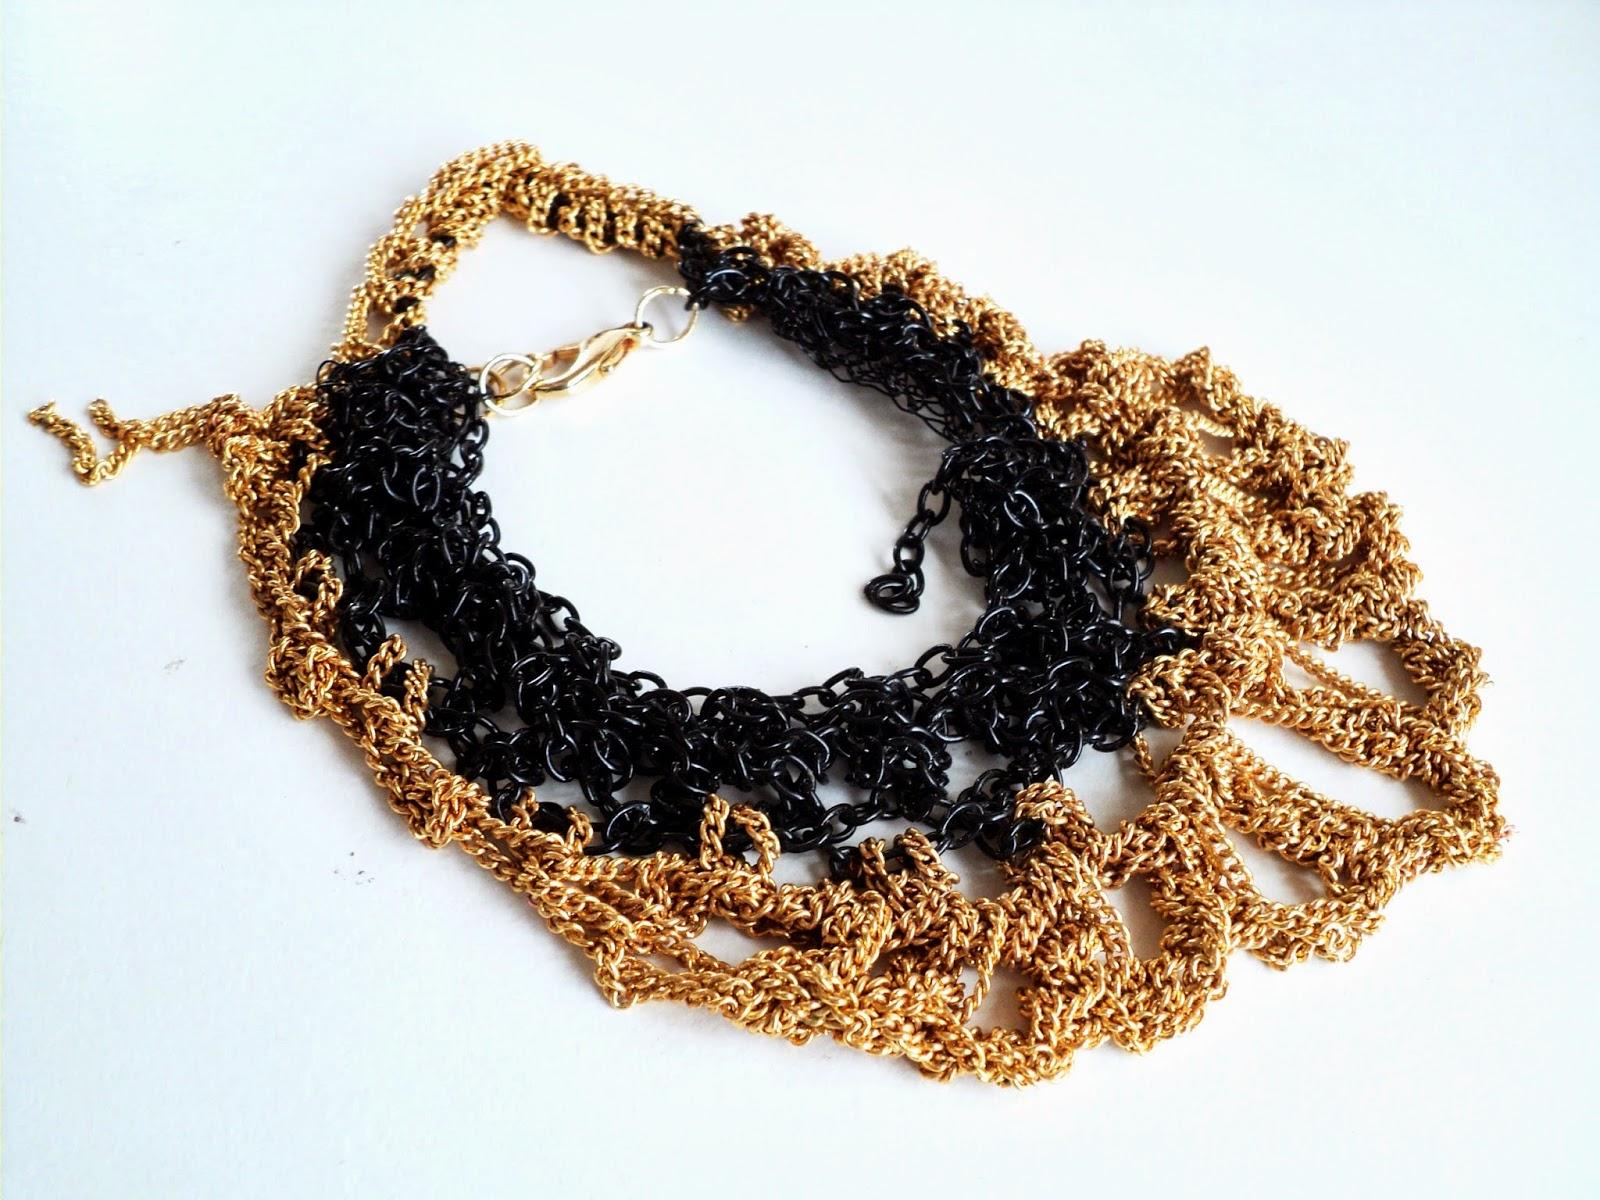 Brazalete tejido crochet con cadenas en dorado y negro